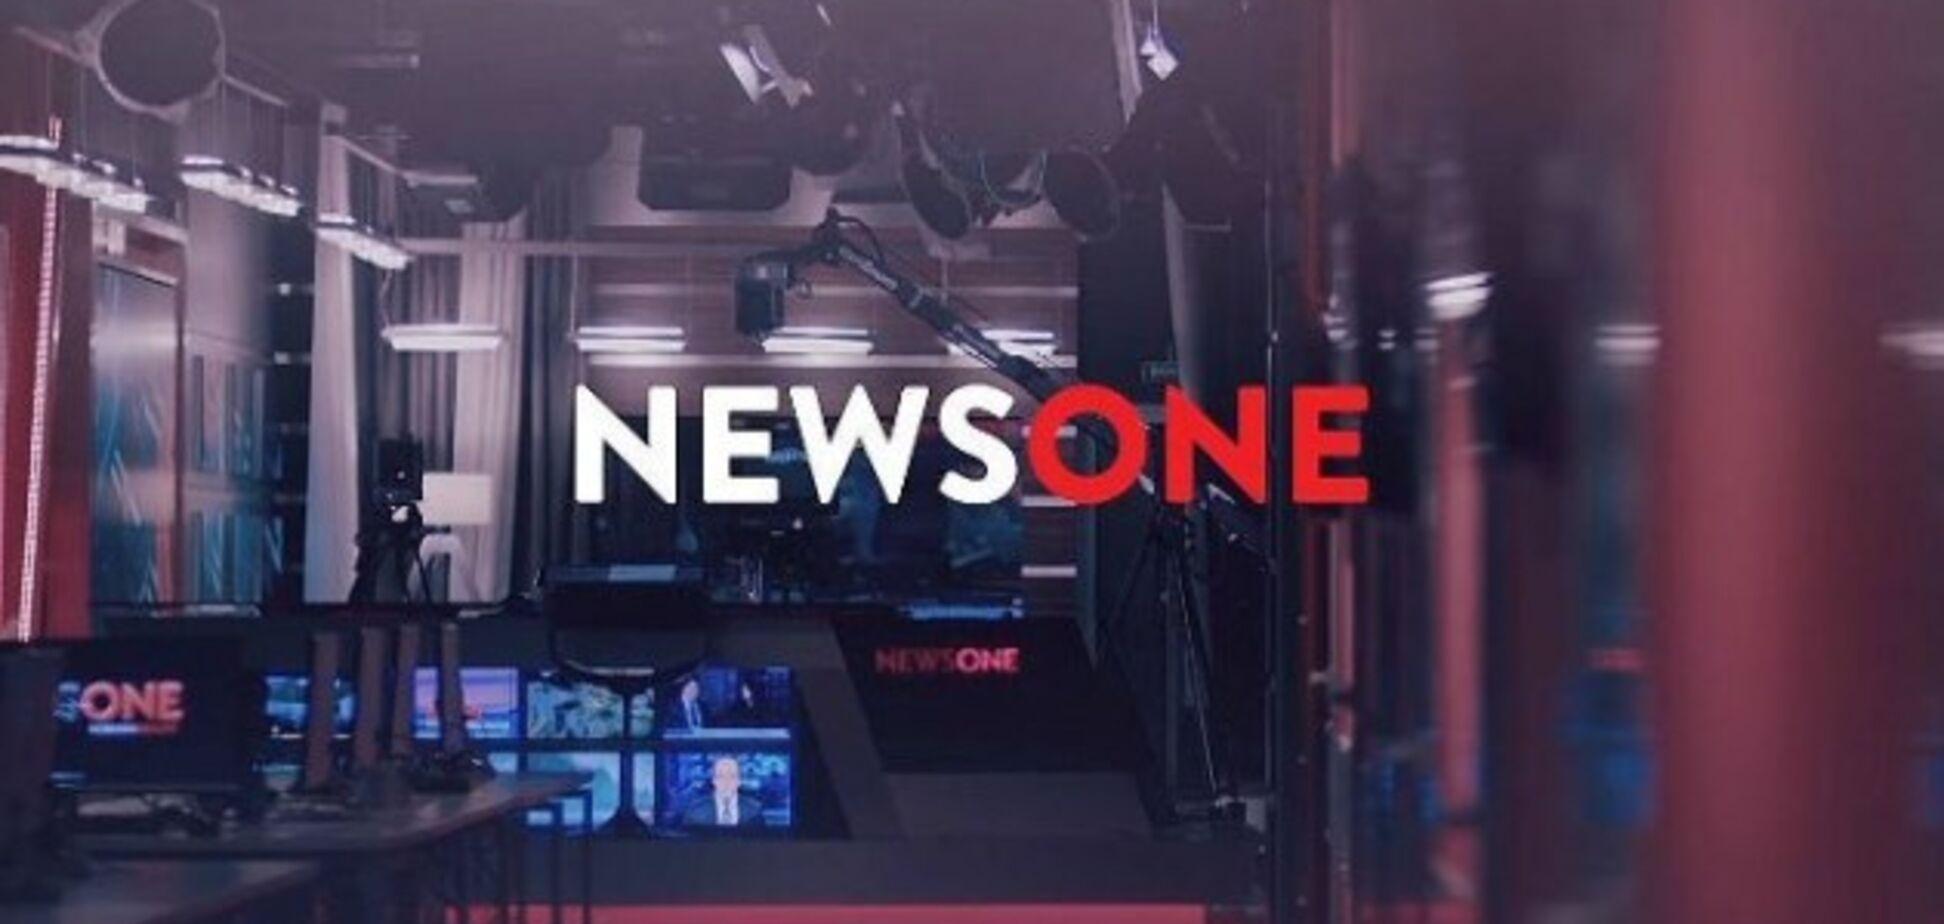 NewsOne і 'Россия 1' проведуть телеміст: канал зробив заяву